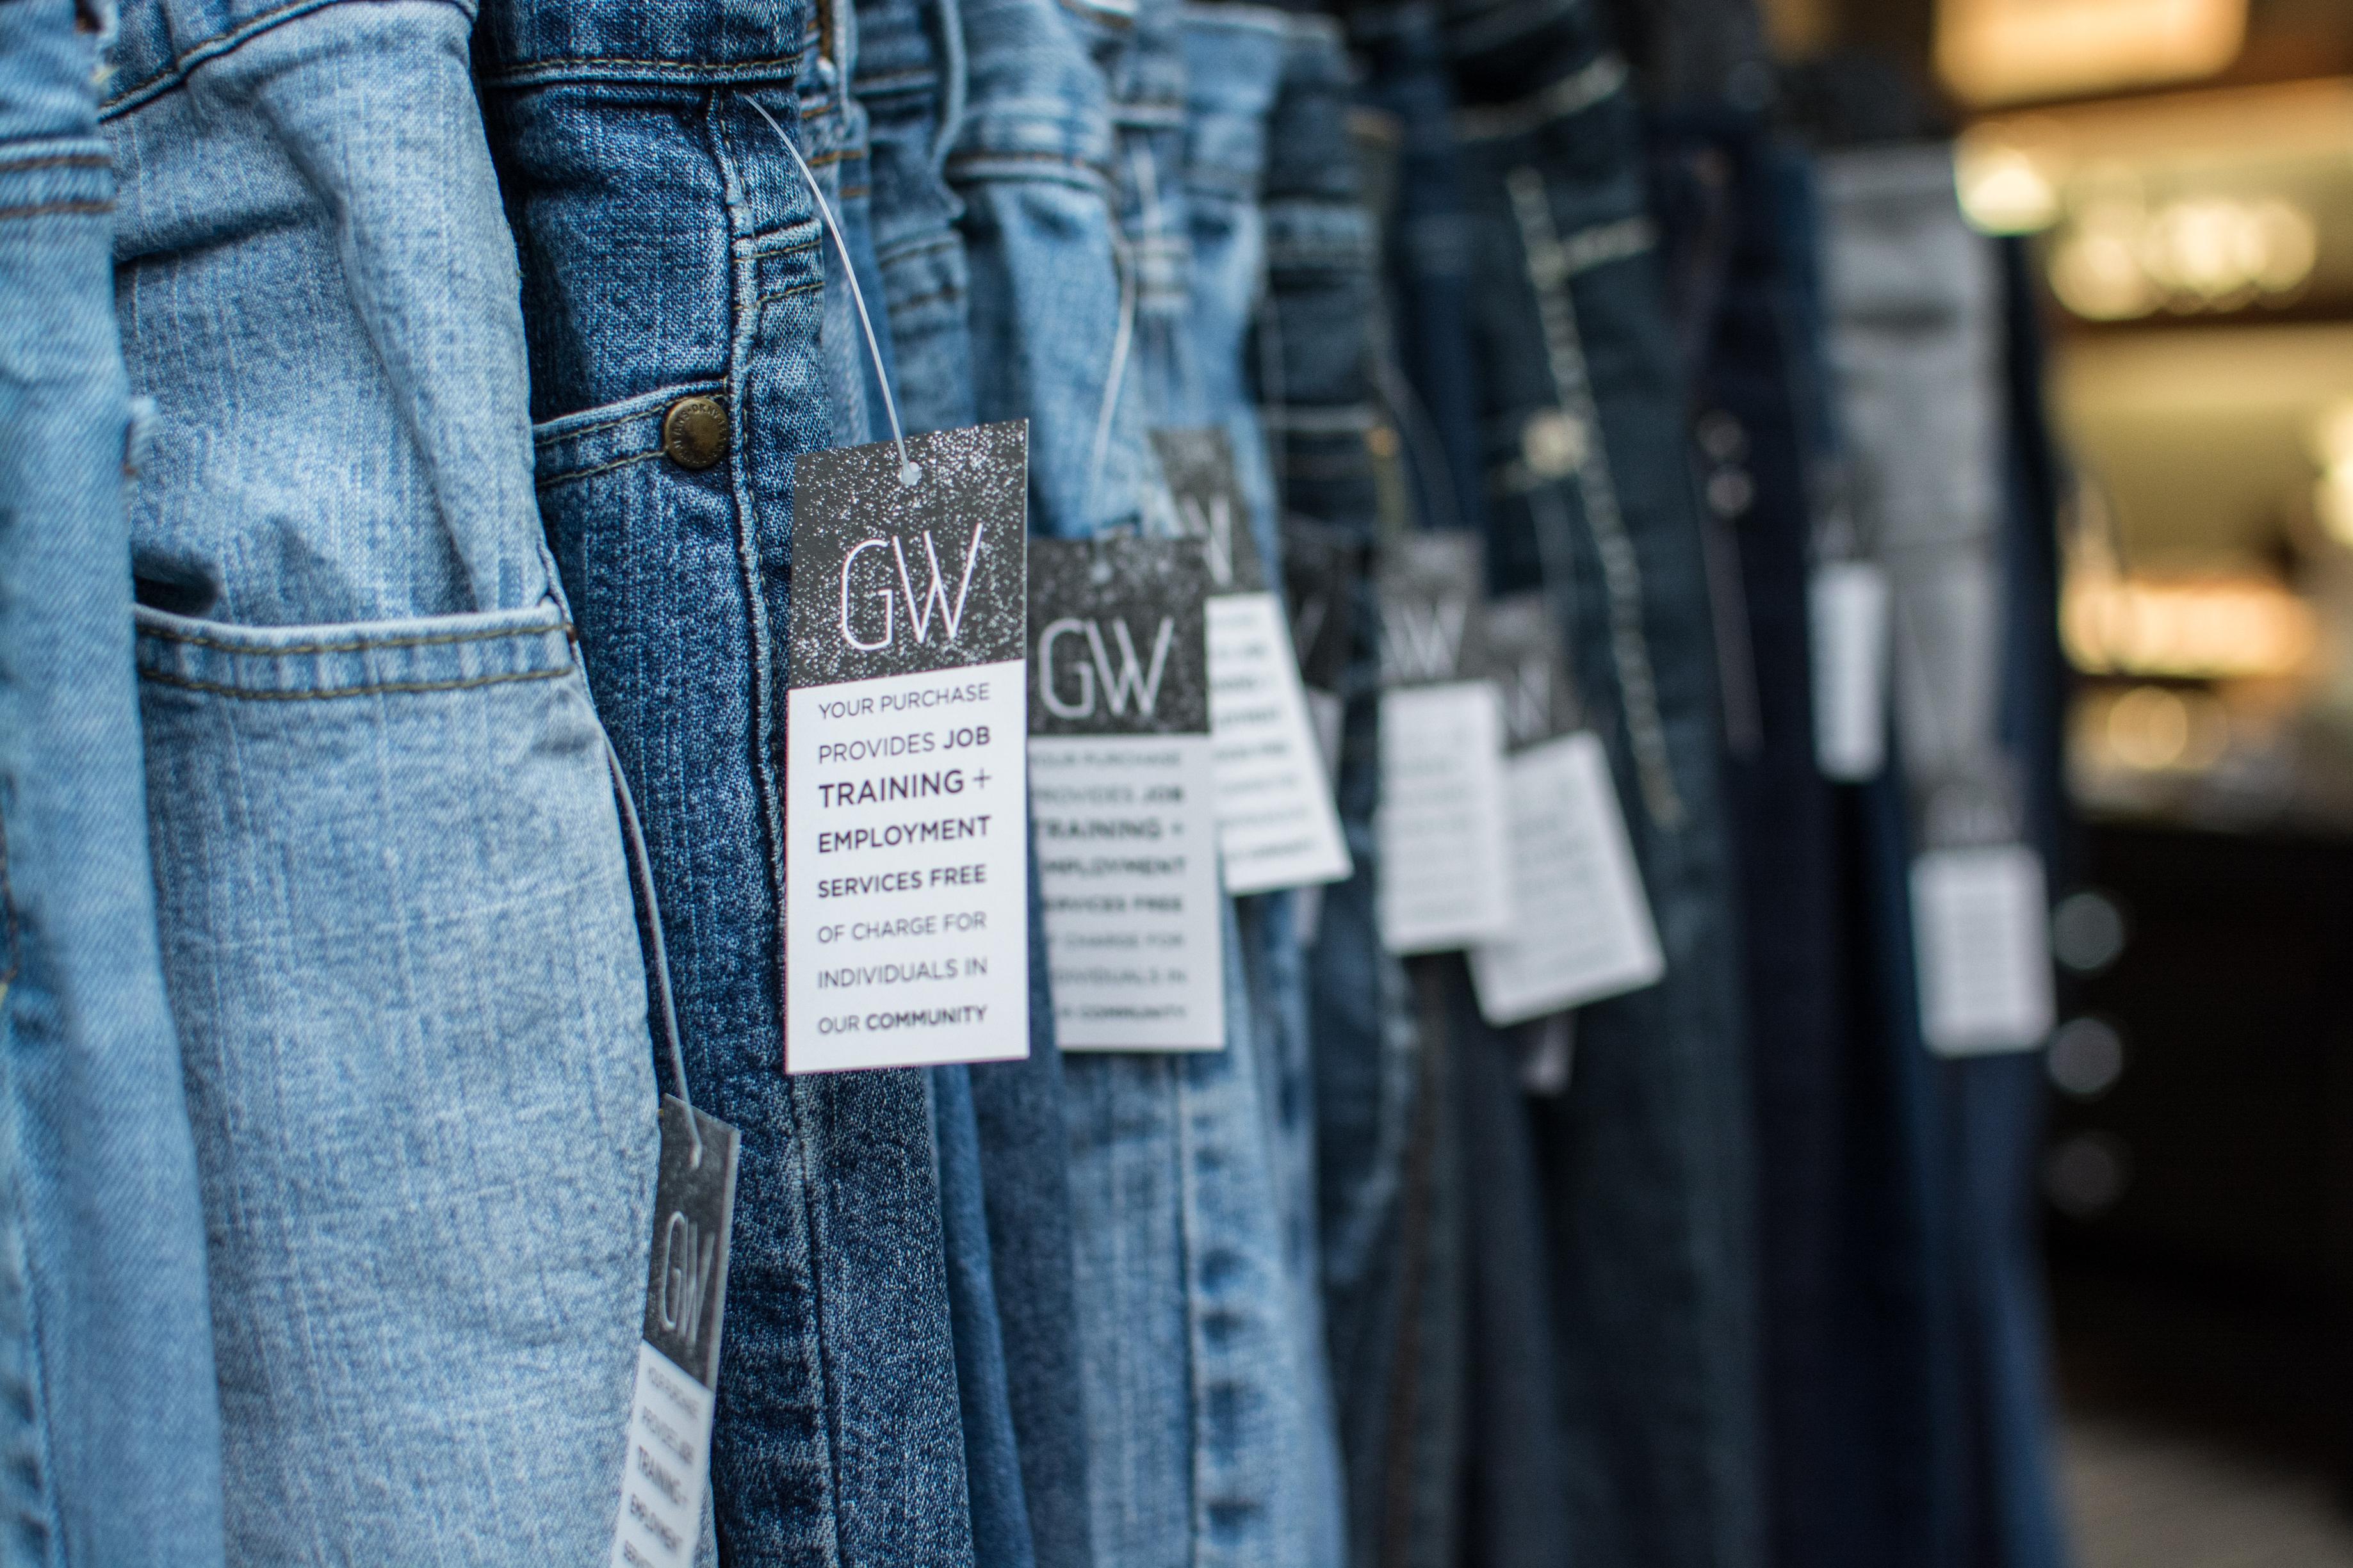 Goodwill-GW-54